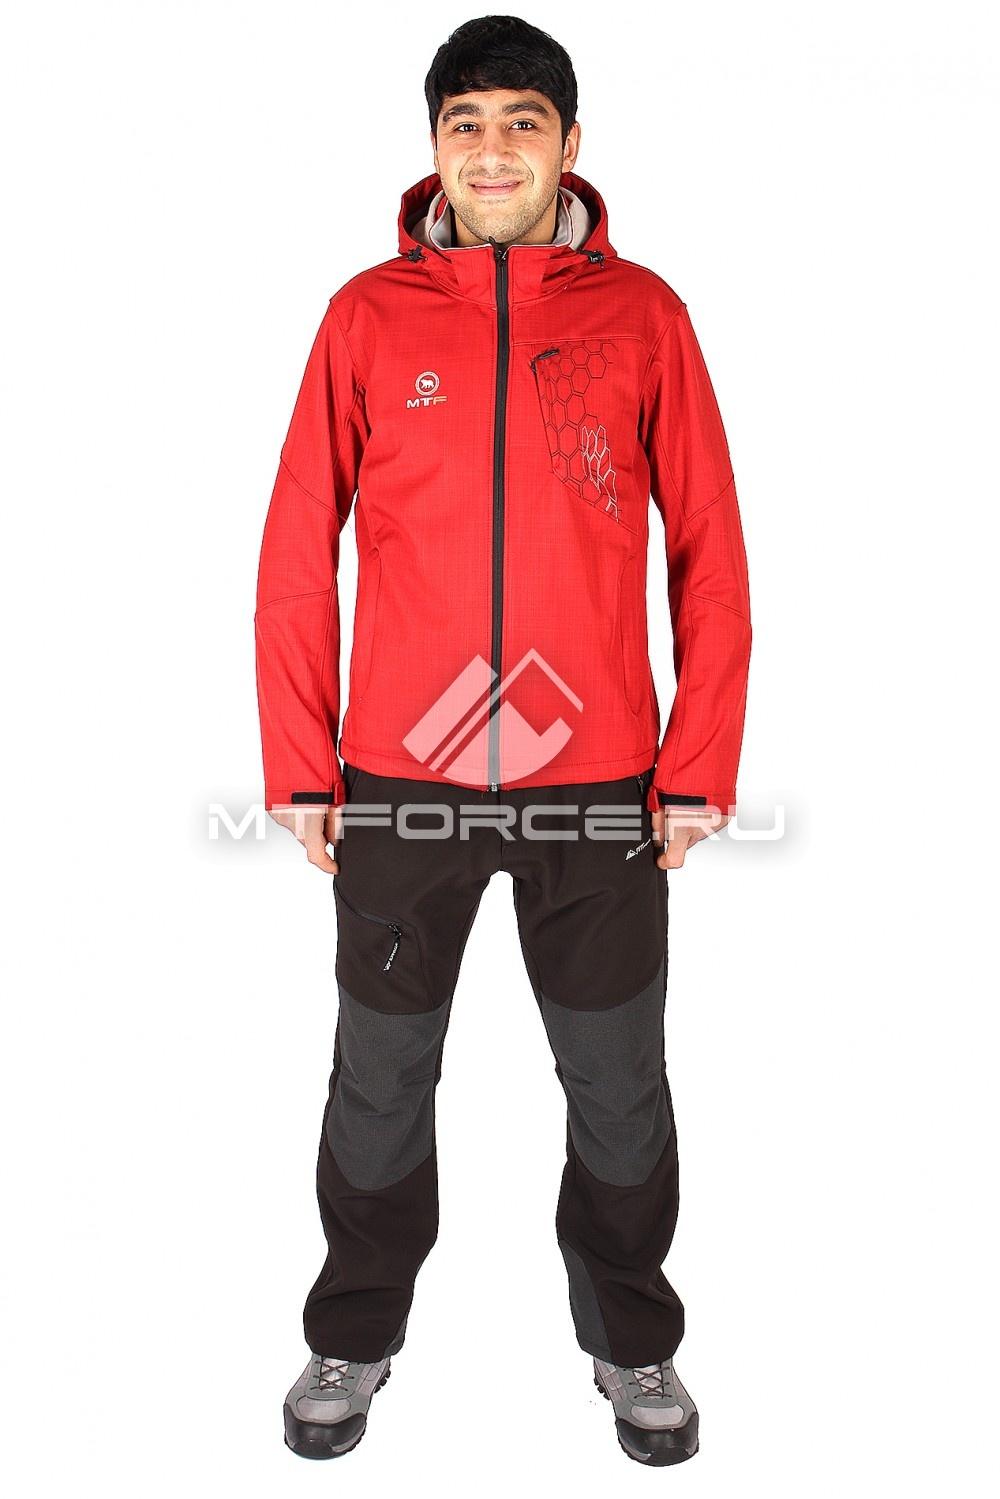 Купить                                  оптом Костюм виндстопер мужской красного цвета  01528Kr